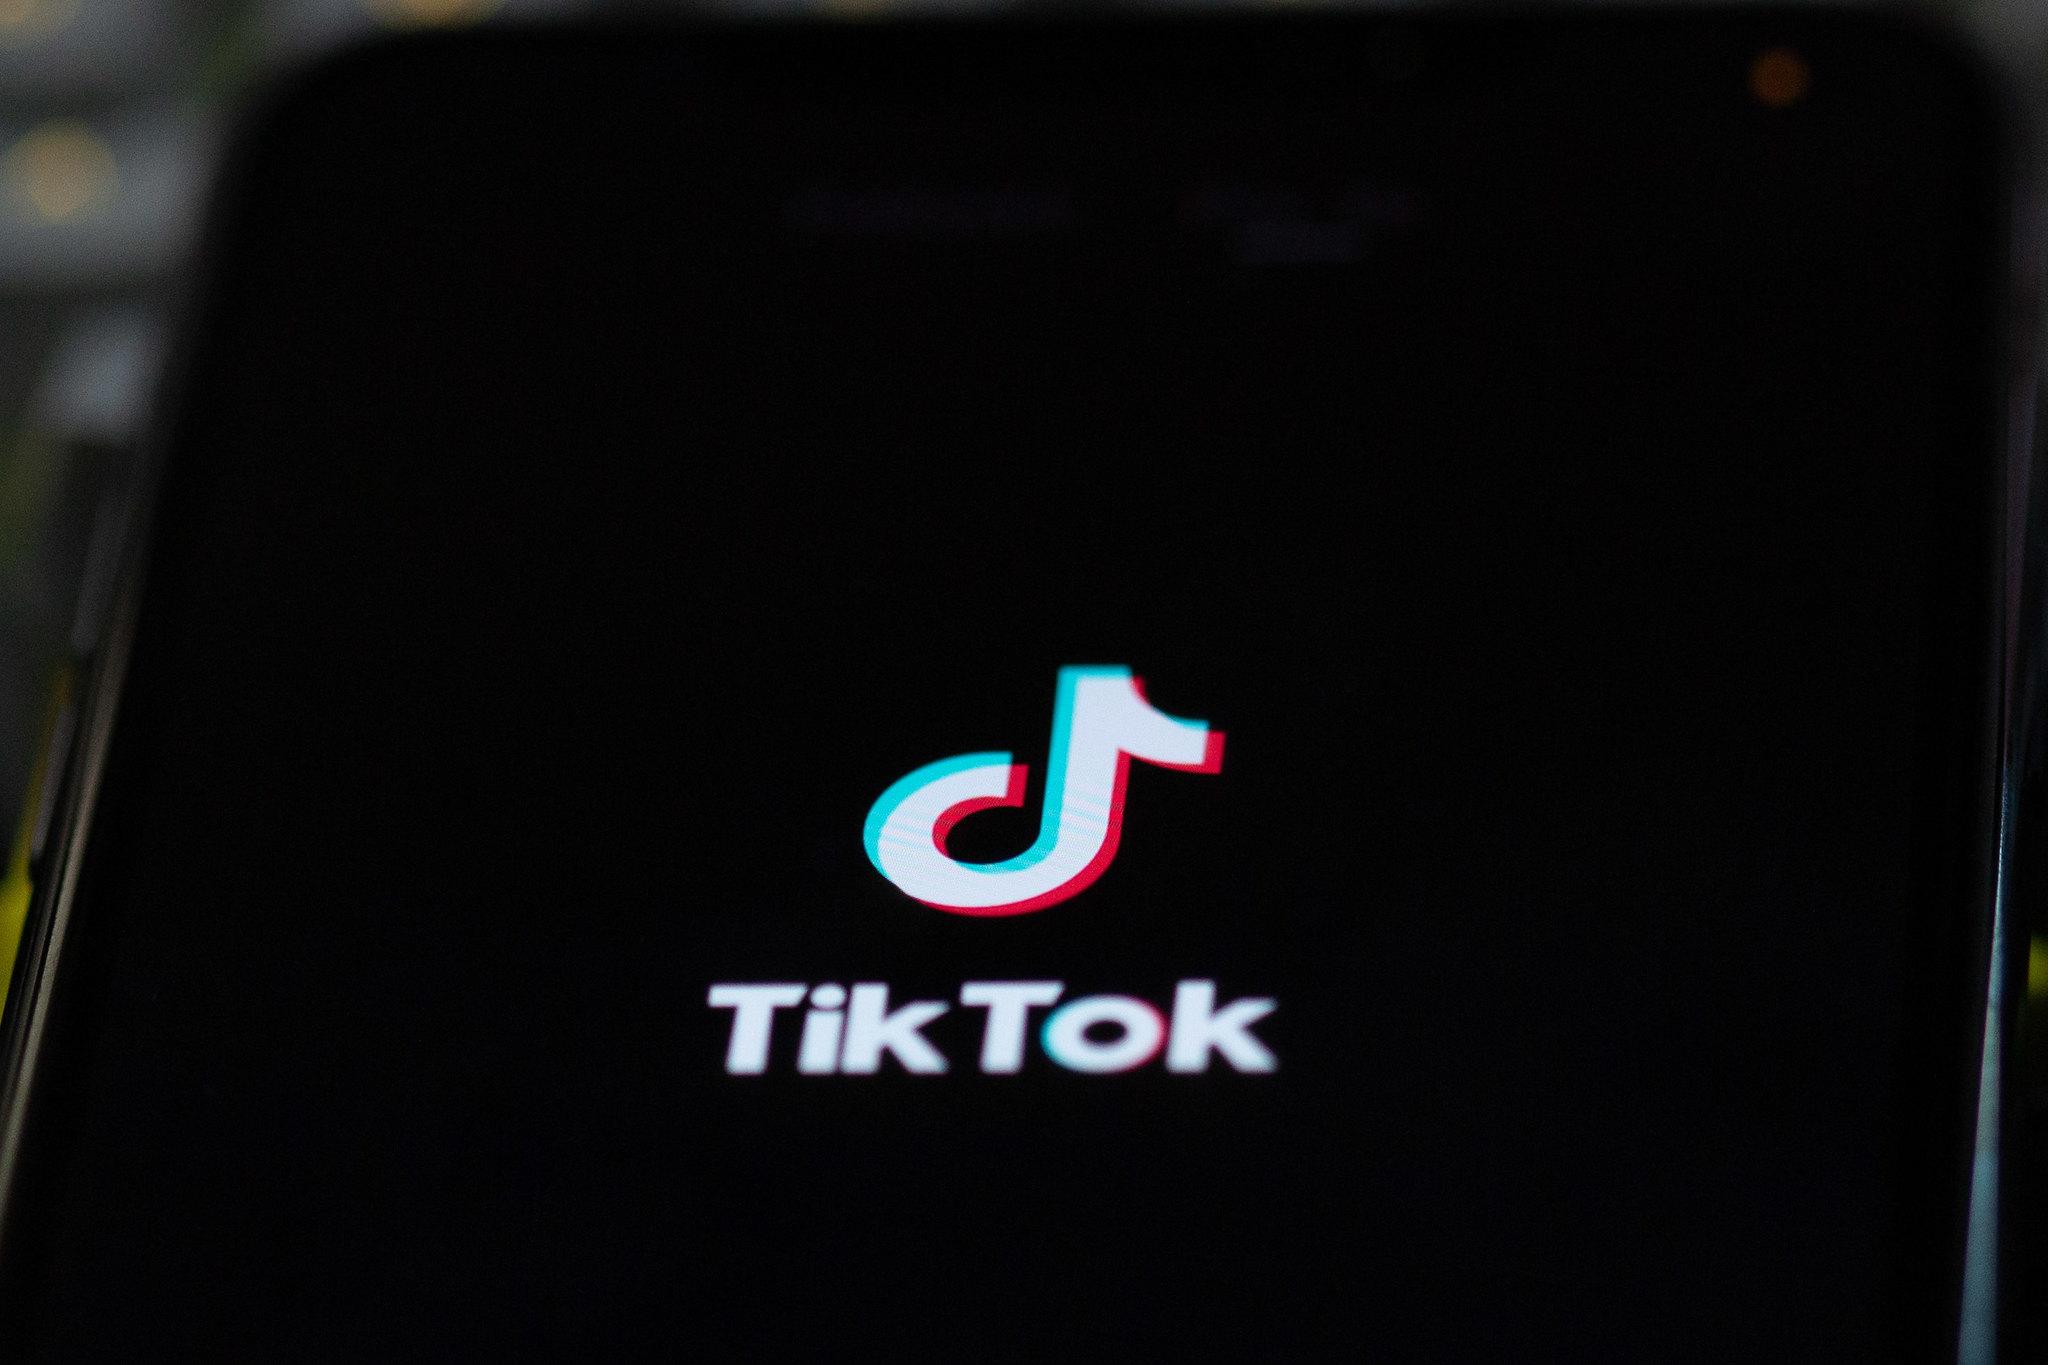 TikTok est «choqué» par le gouvernement de Trump qui ne prête «aucune attention aux faits»